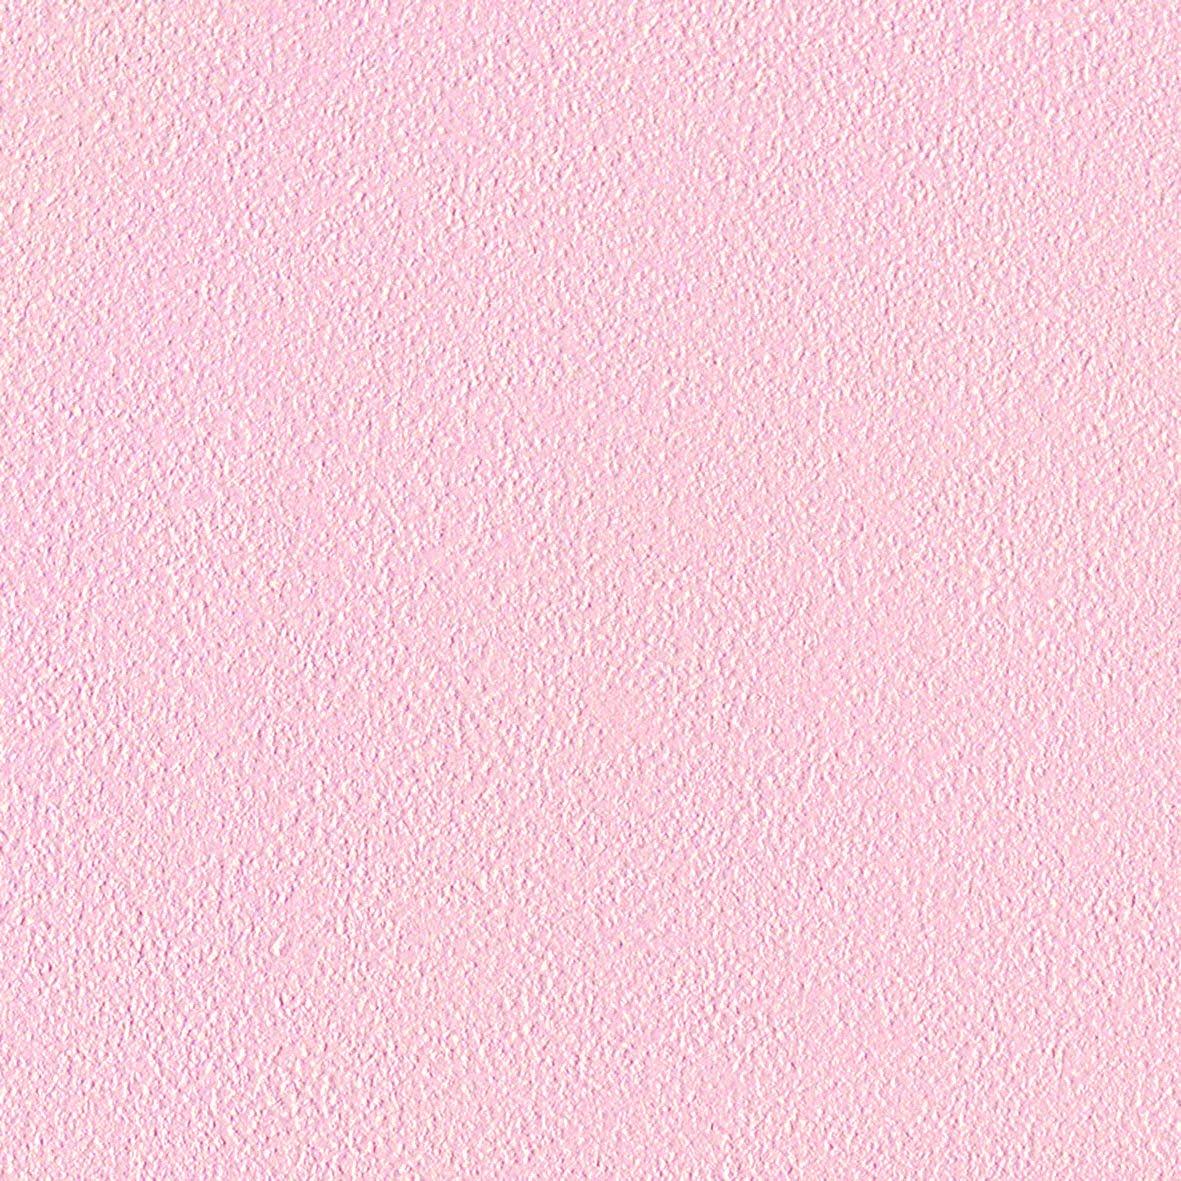 リリカラ 壁紙19m シンフル 石目調 イエロー LL-8220 B01N3T5JLZ 19m|イエロー